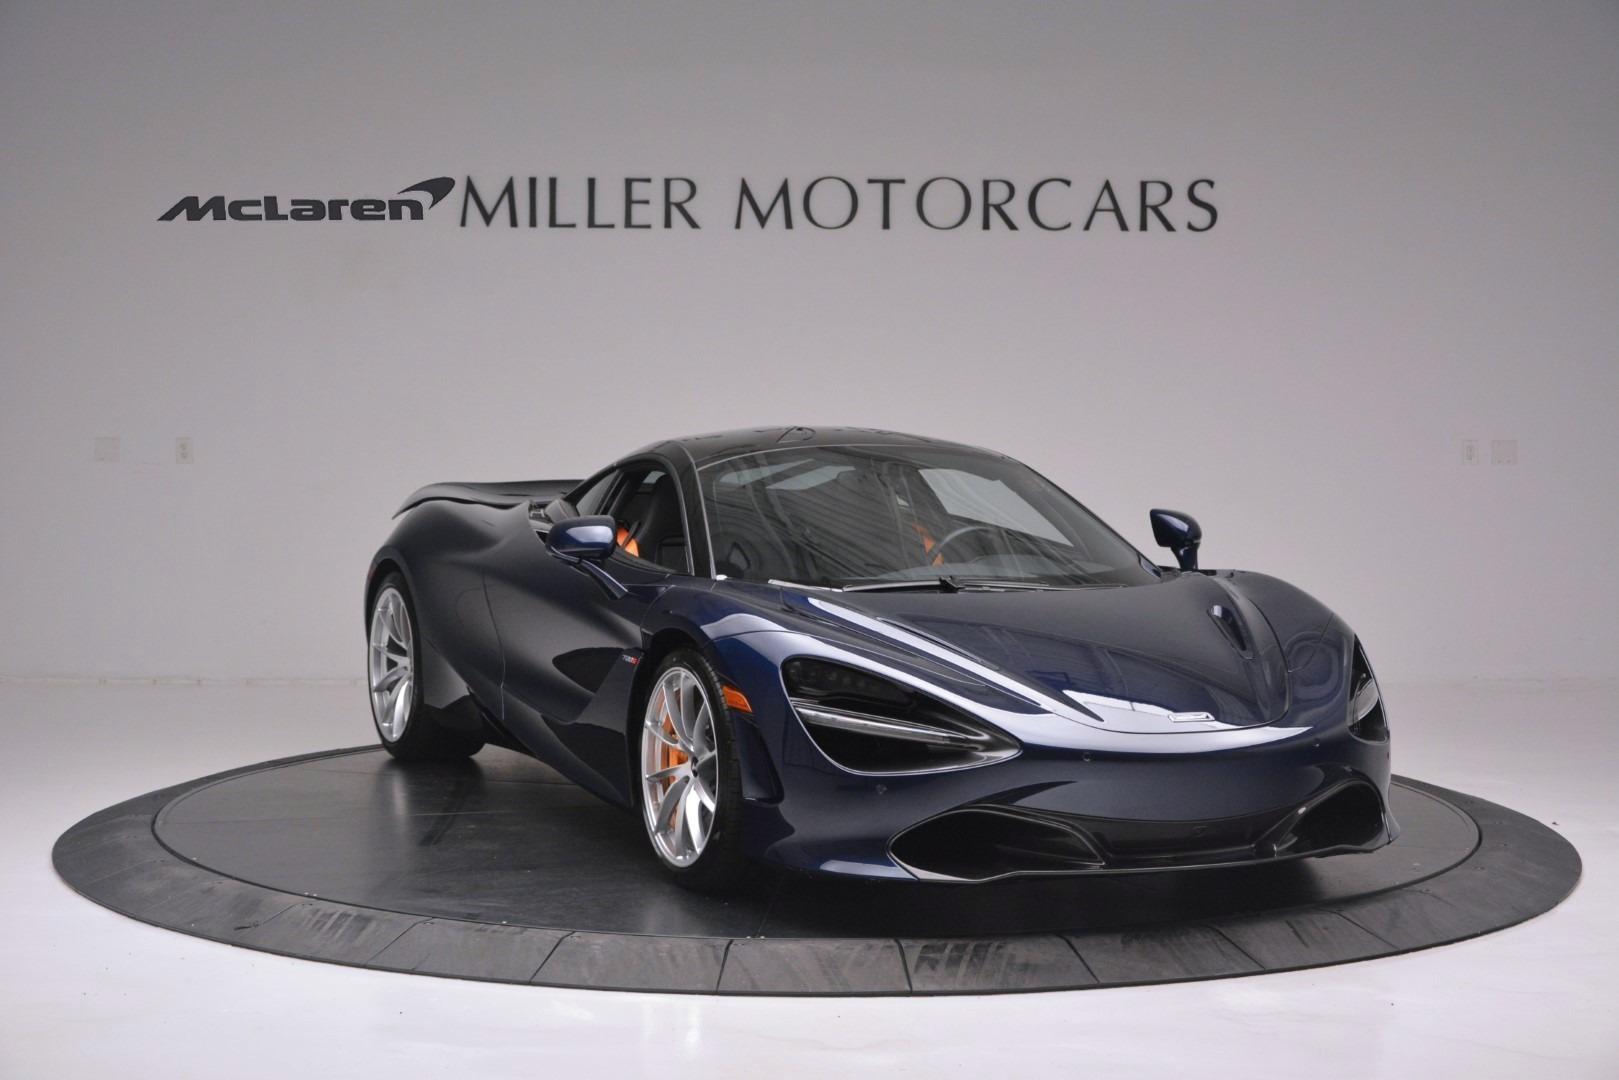 New 2019 McLaren 720S Coupe For Sale In Westport, CT 2730_p11